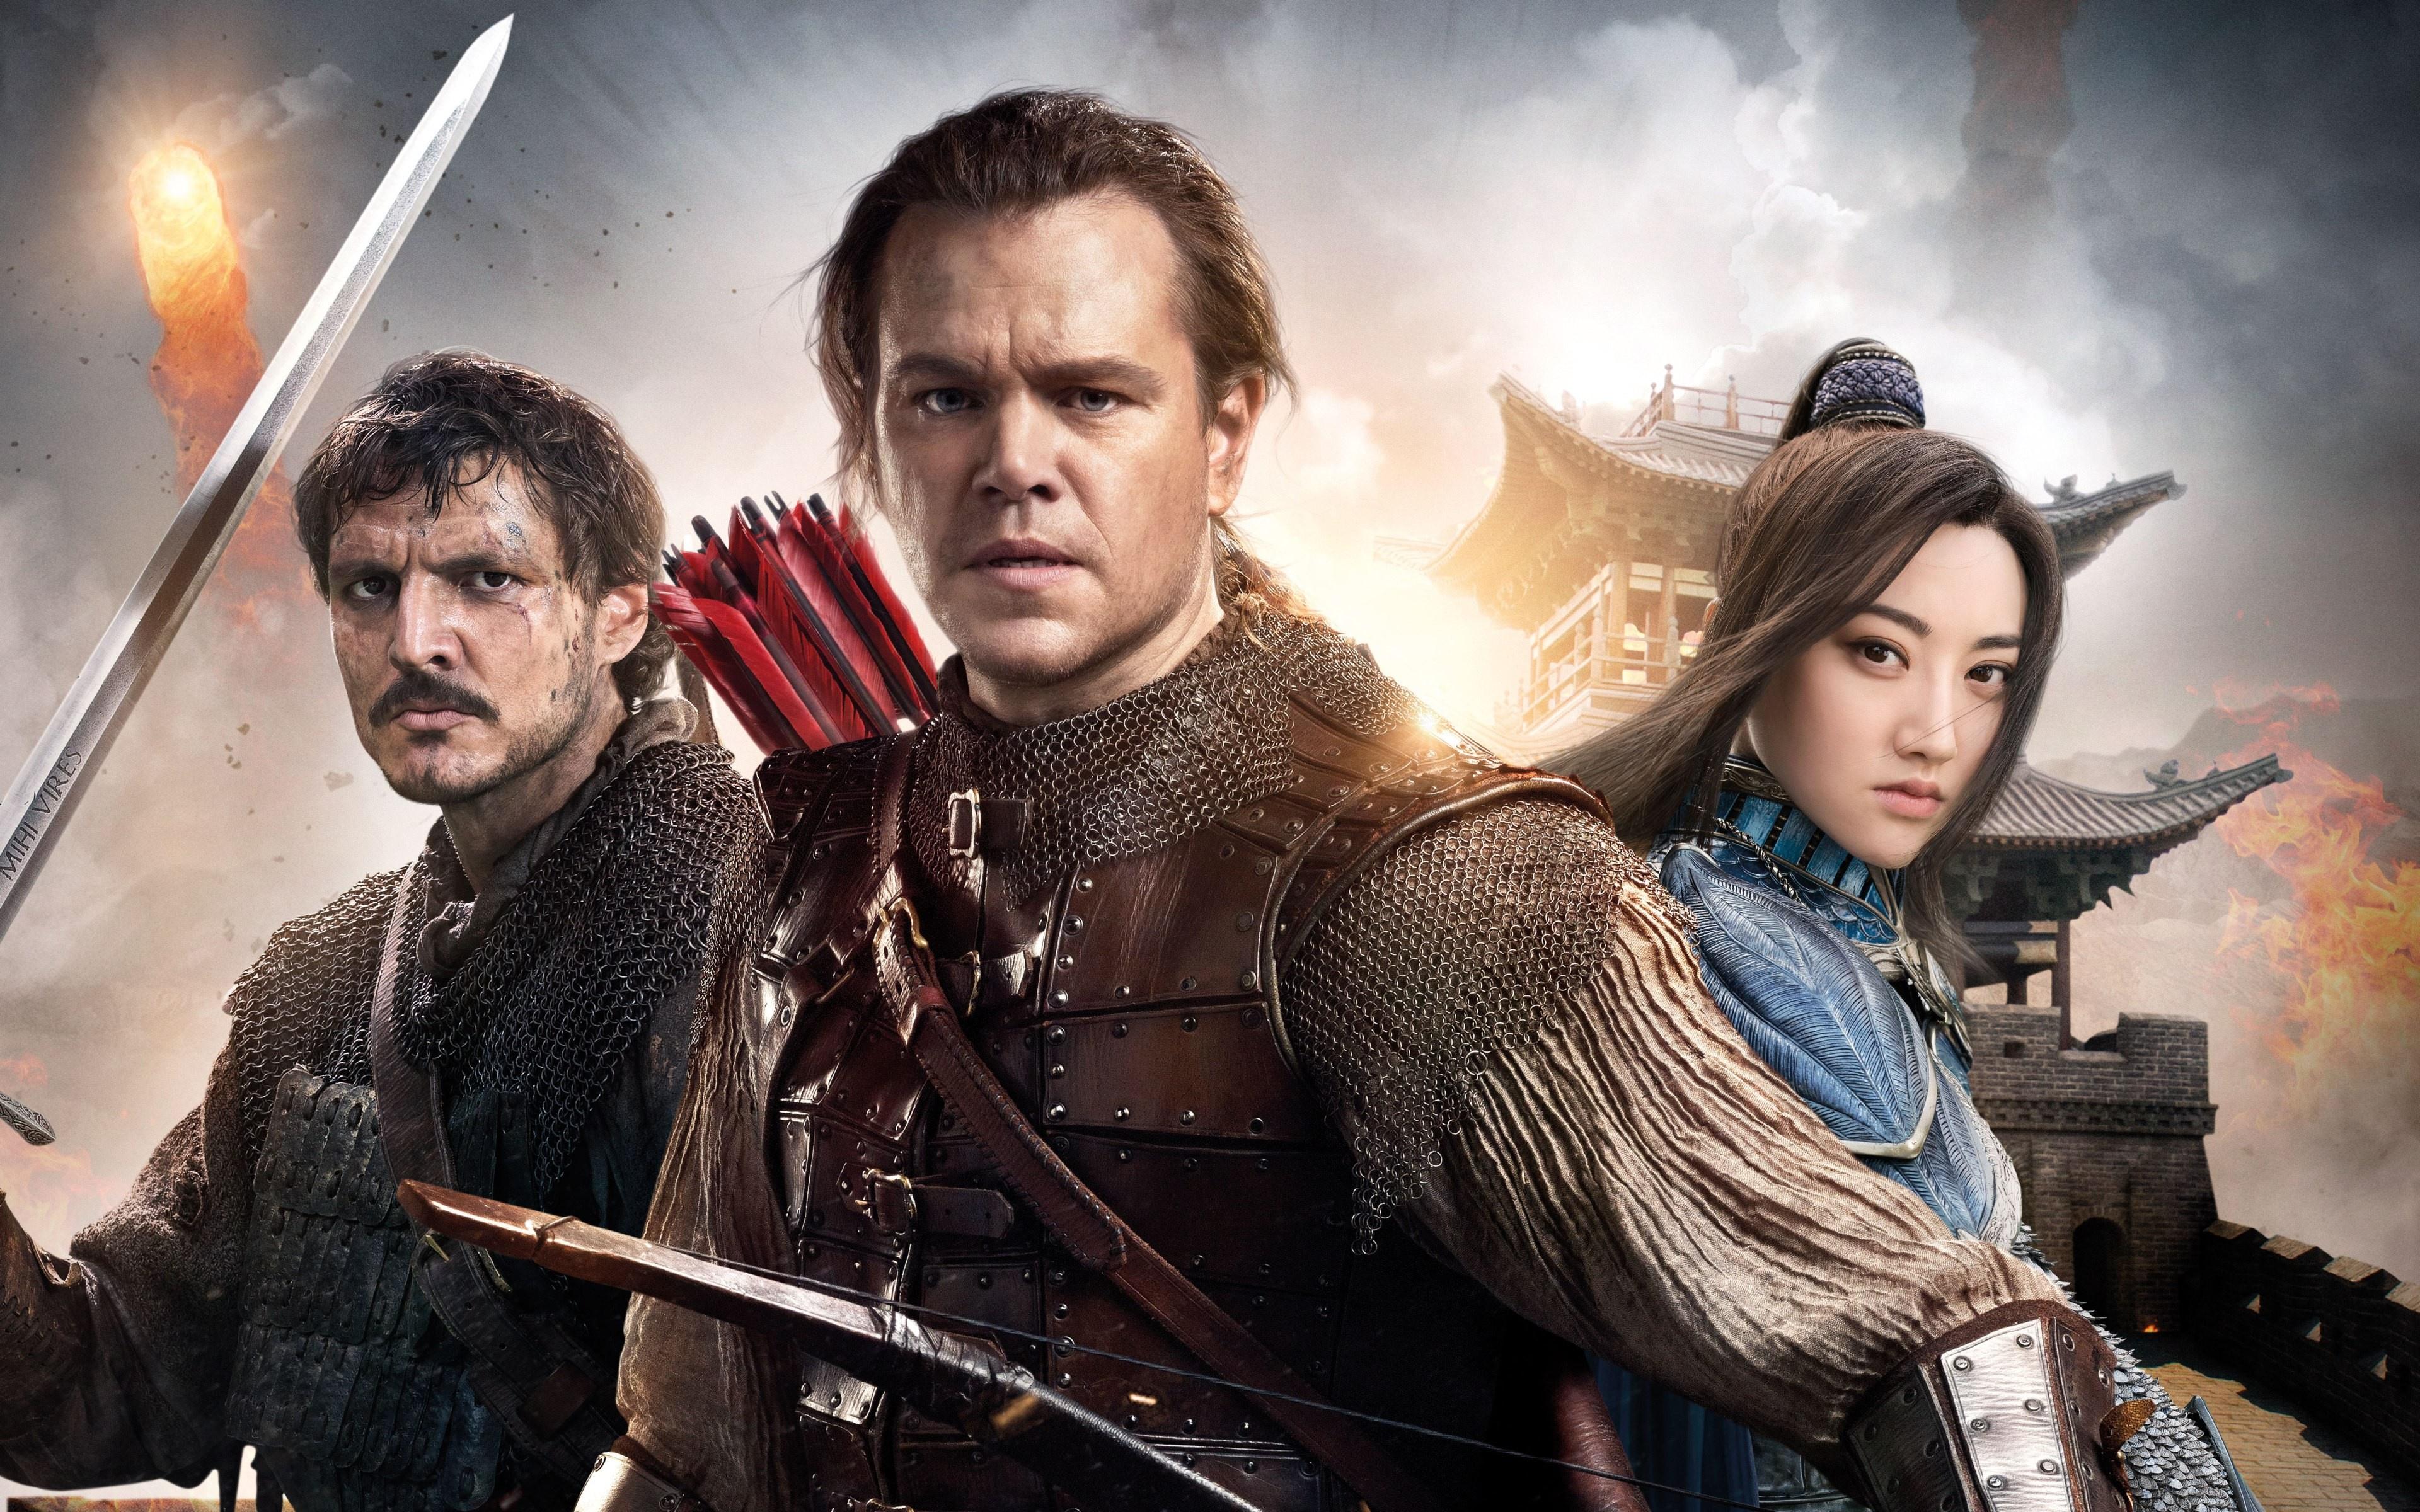 Великая стена фильм 2016 смотреть онлайн бесплатно в